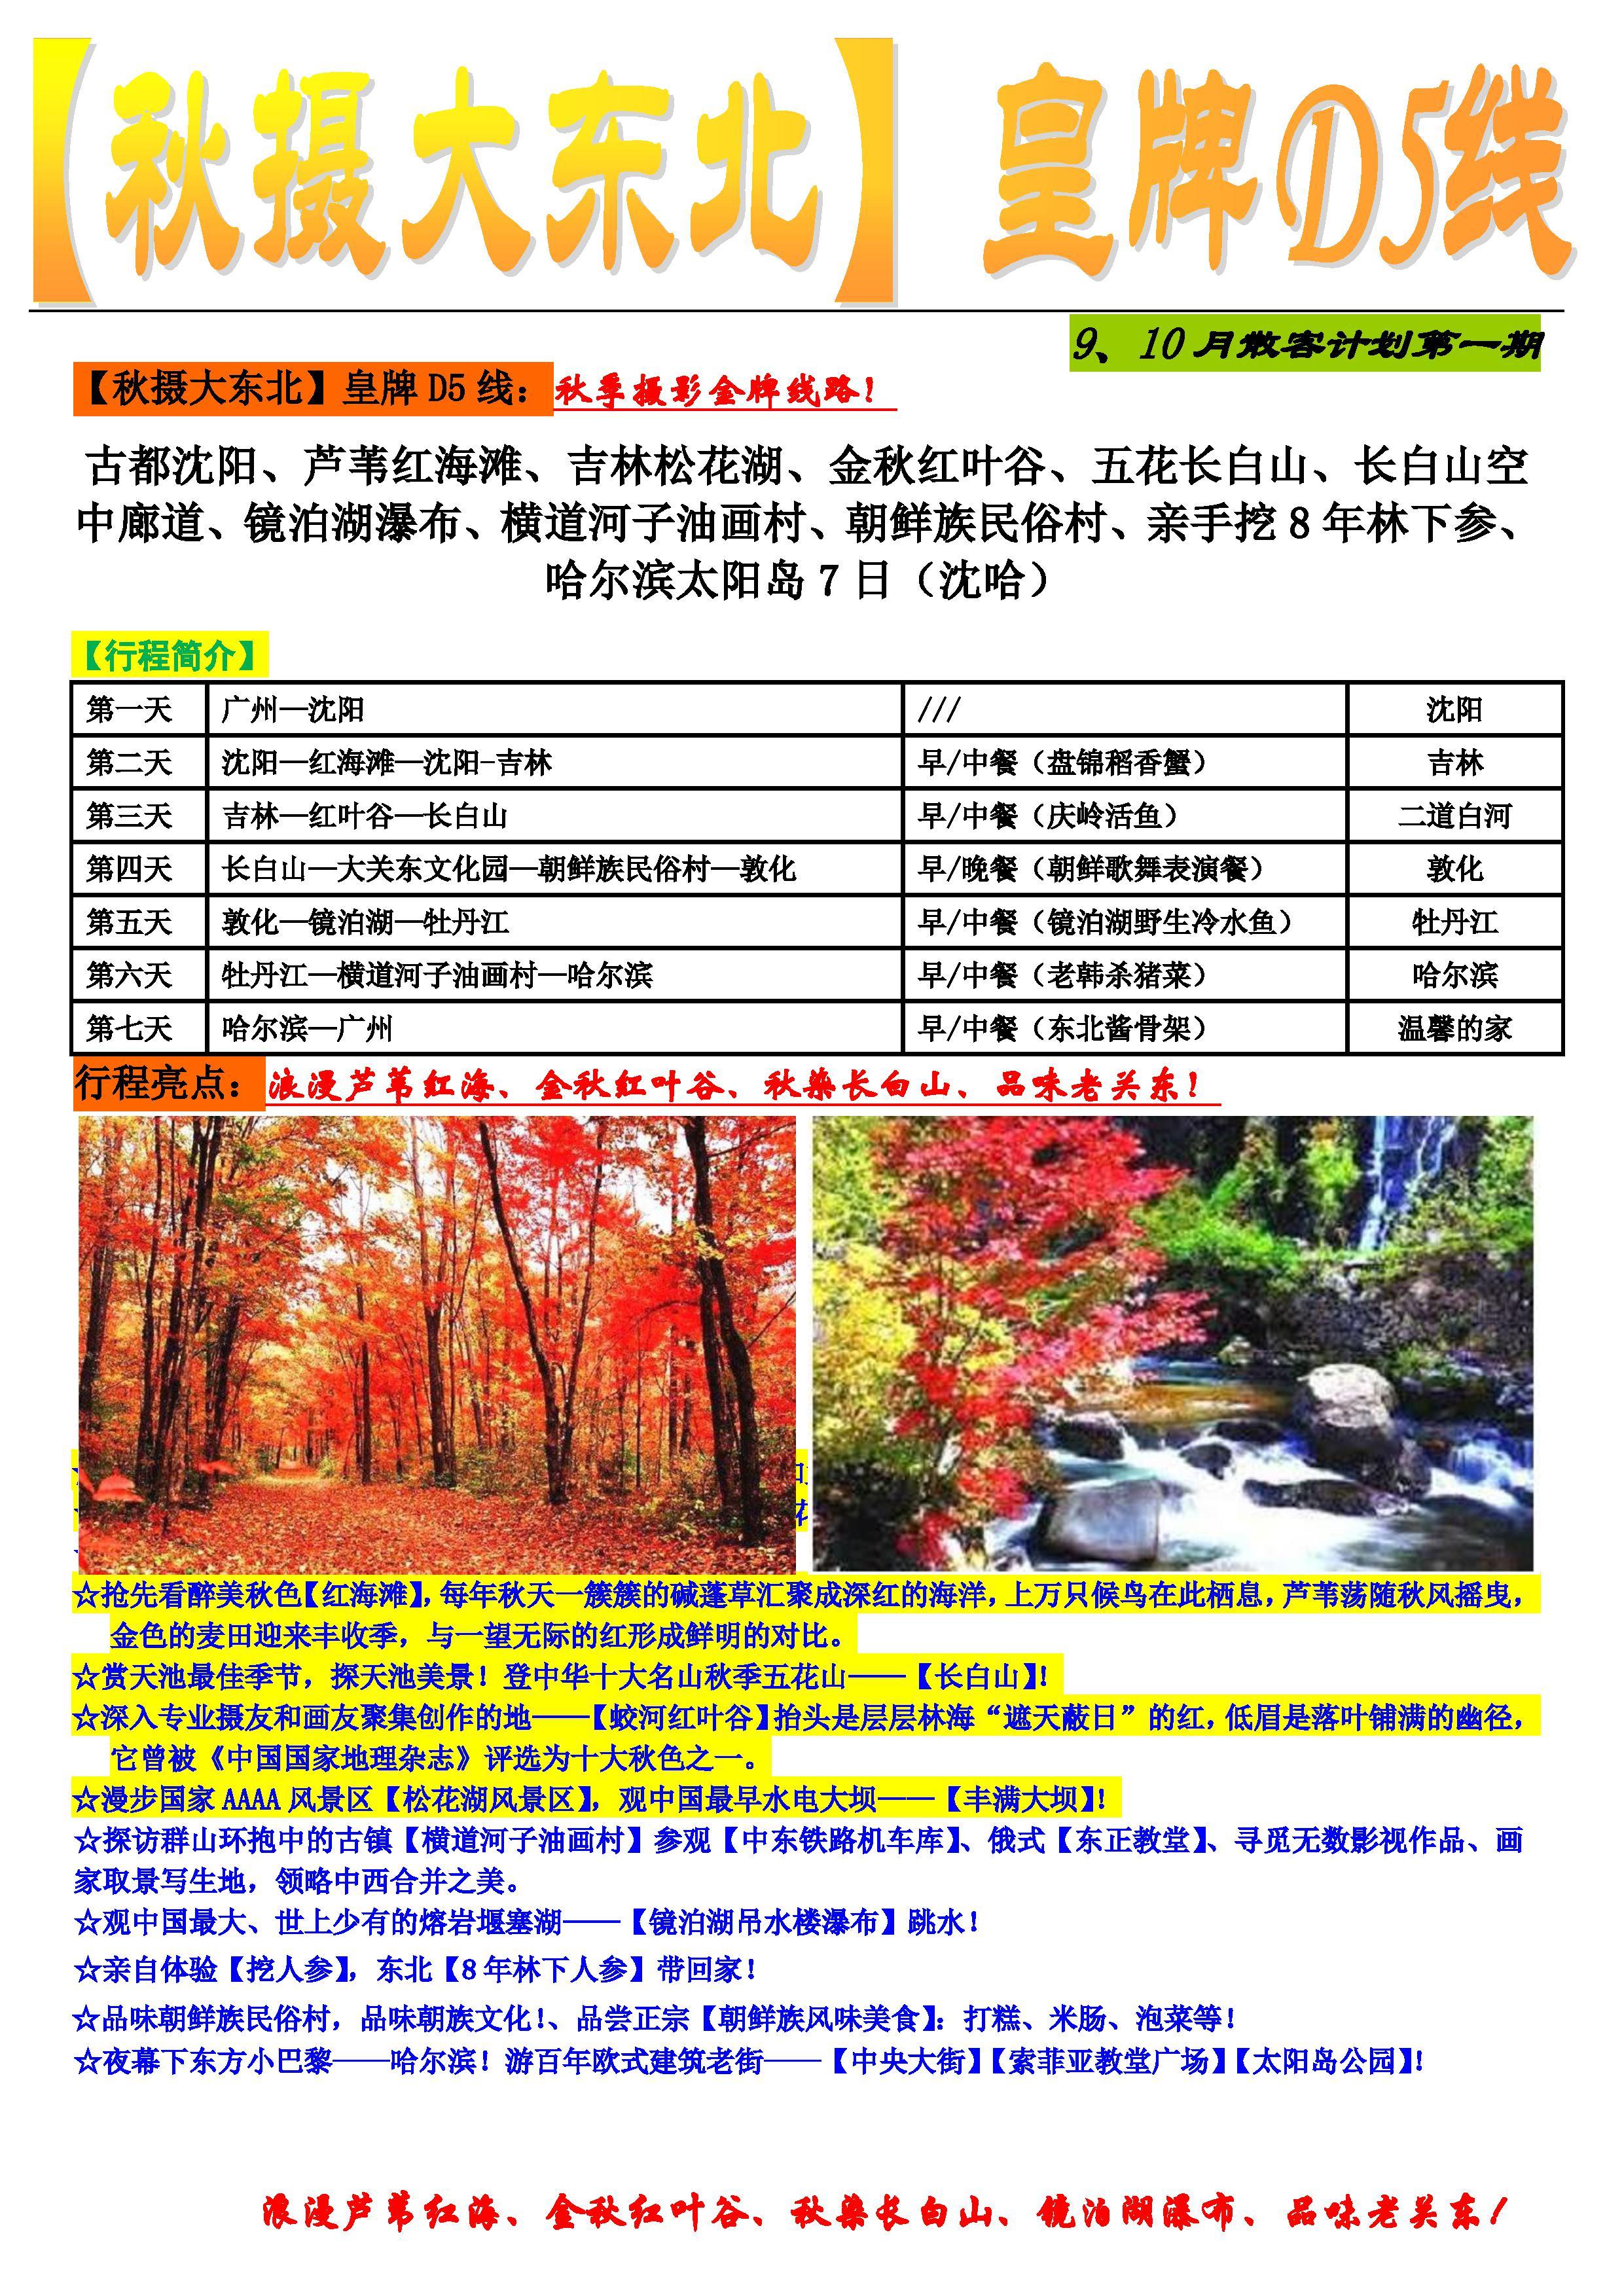 【秋摄大东北】皇牌D5线古都沈阳、长白山、朝鲜民族村、哈尔滨太阳岛7天